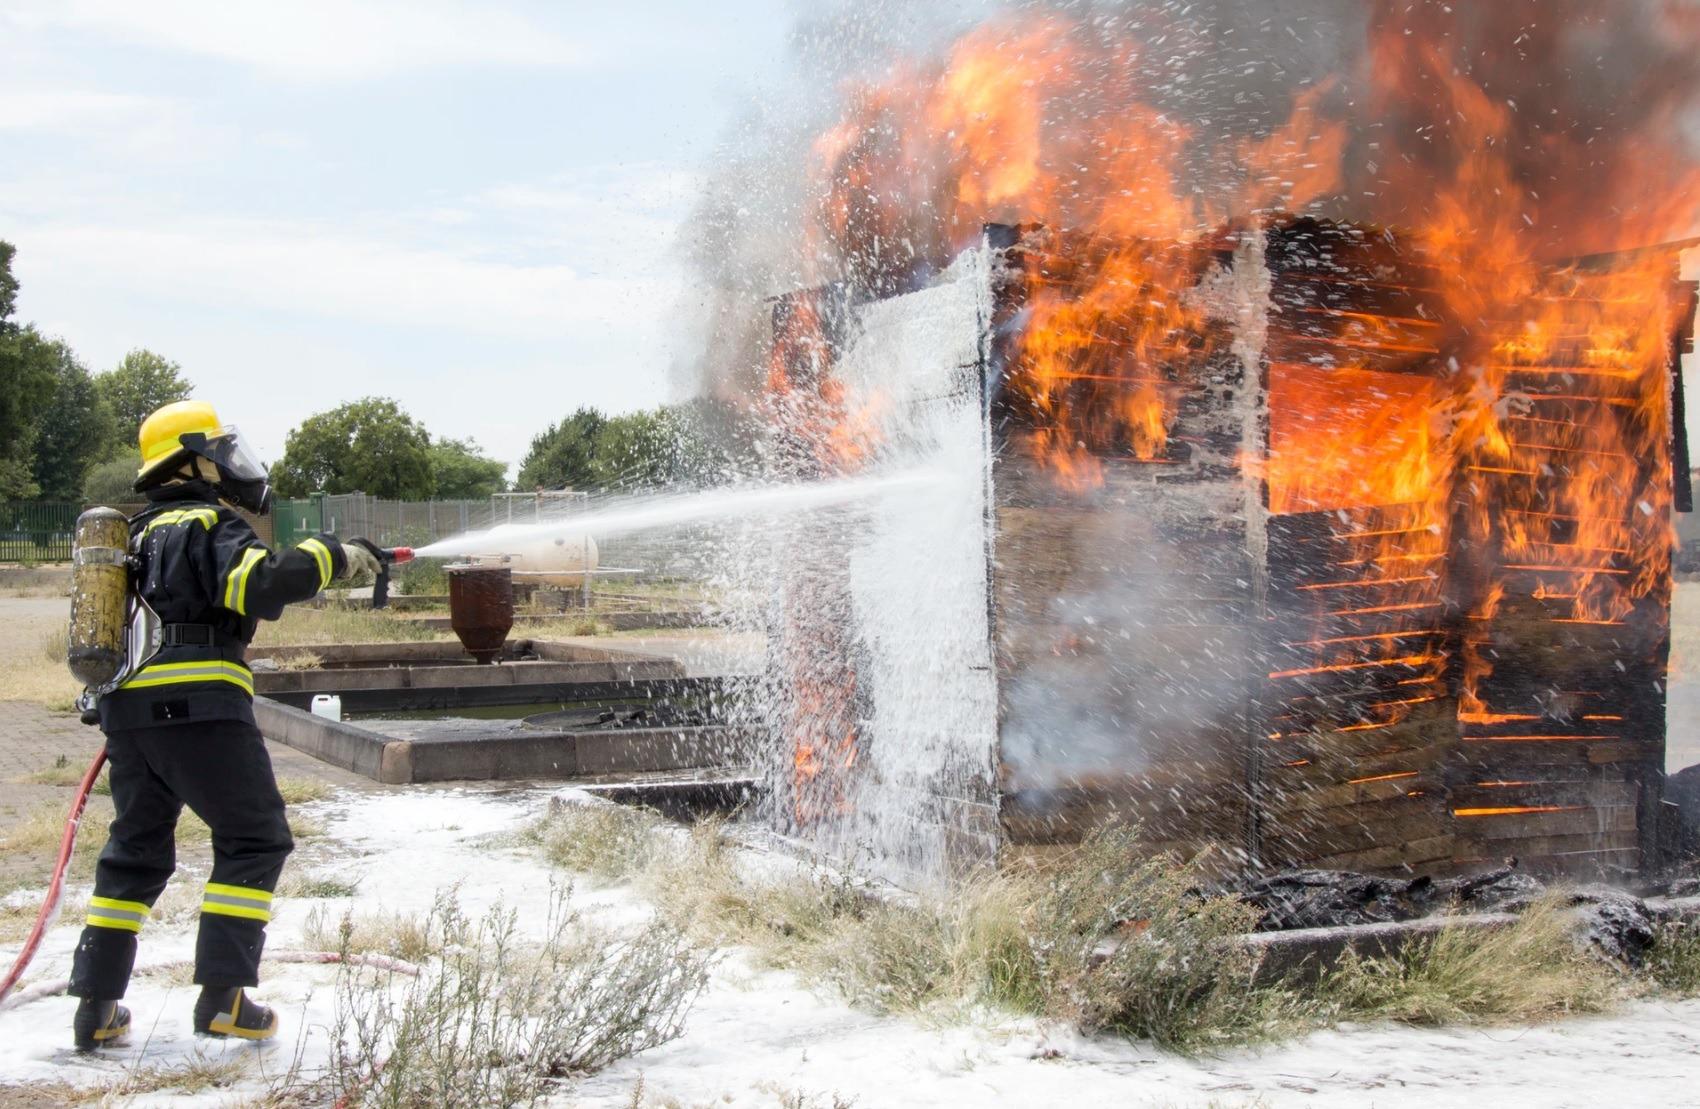 消防員患創傷後遺症都保?即睇邊間意外保險保障紀律部隊!